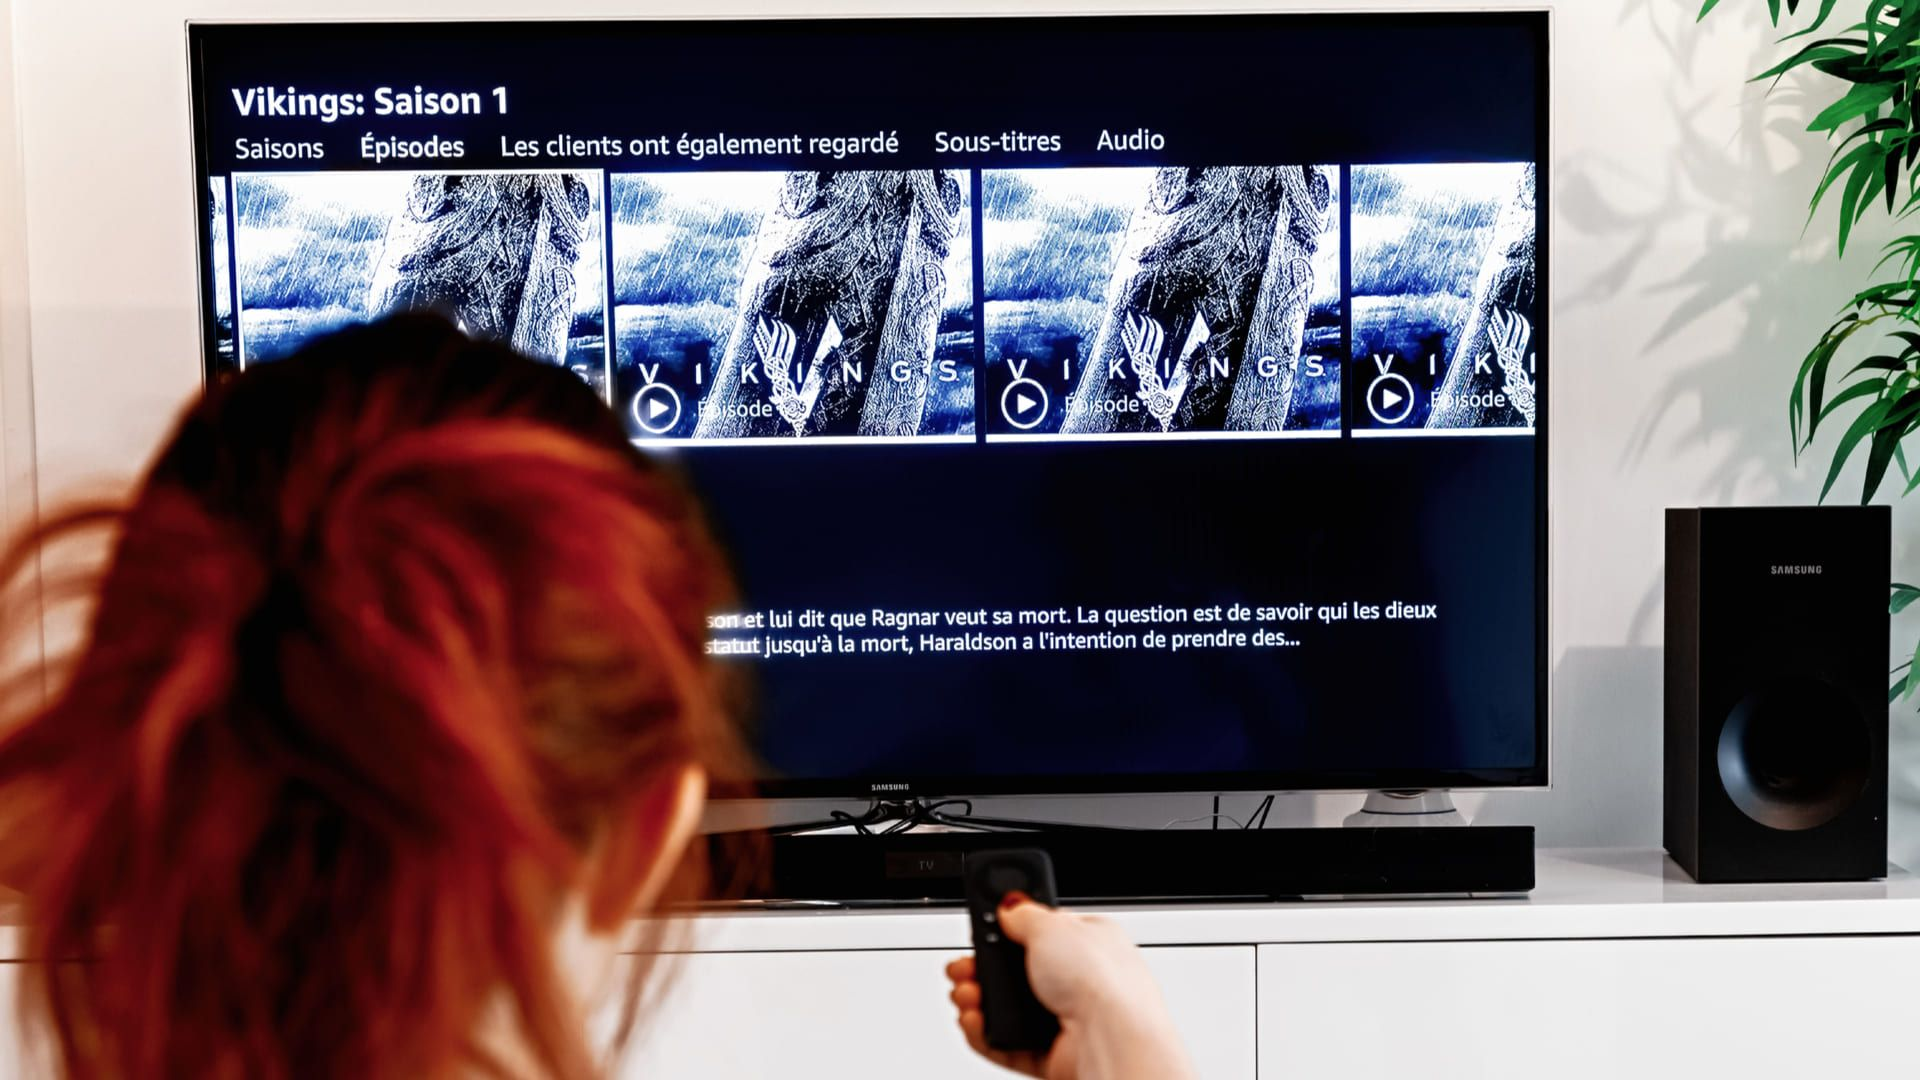 Mulher acessando a série Vikings no catálogo da Amazon Prime Video em uma TV